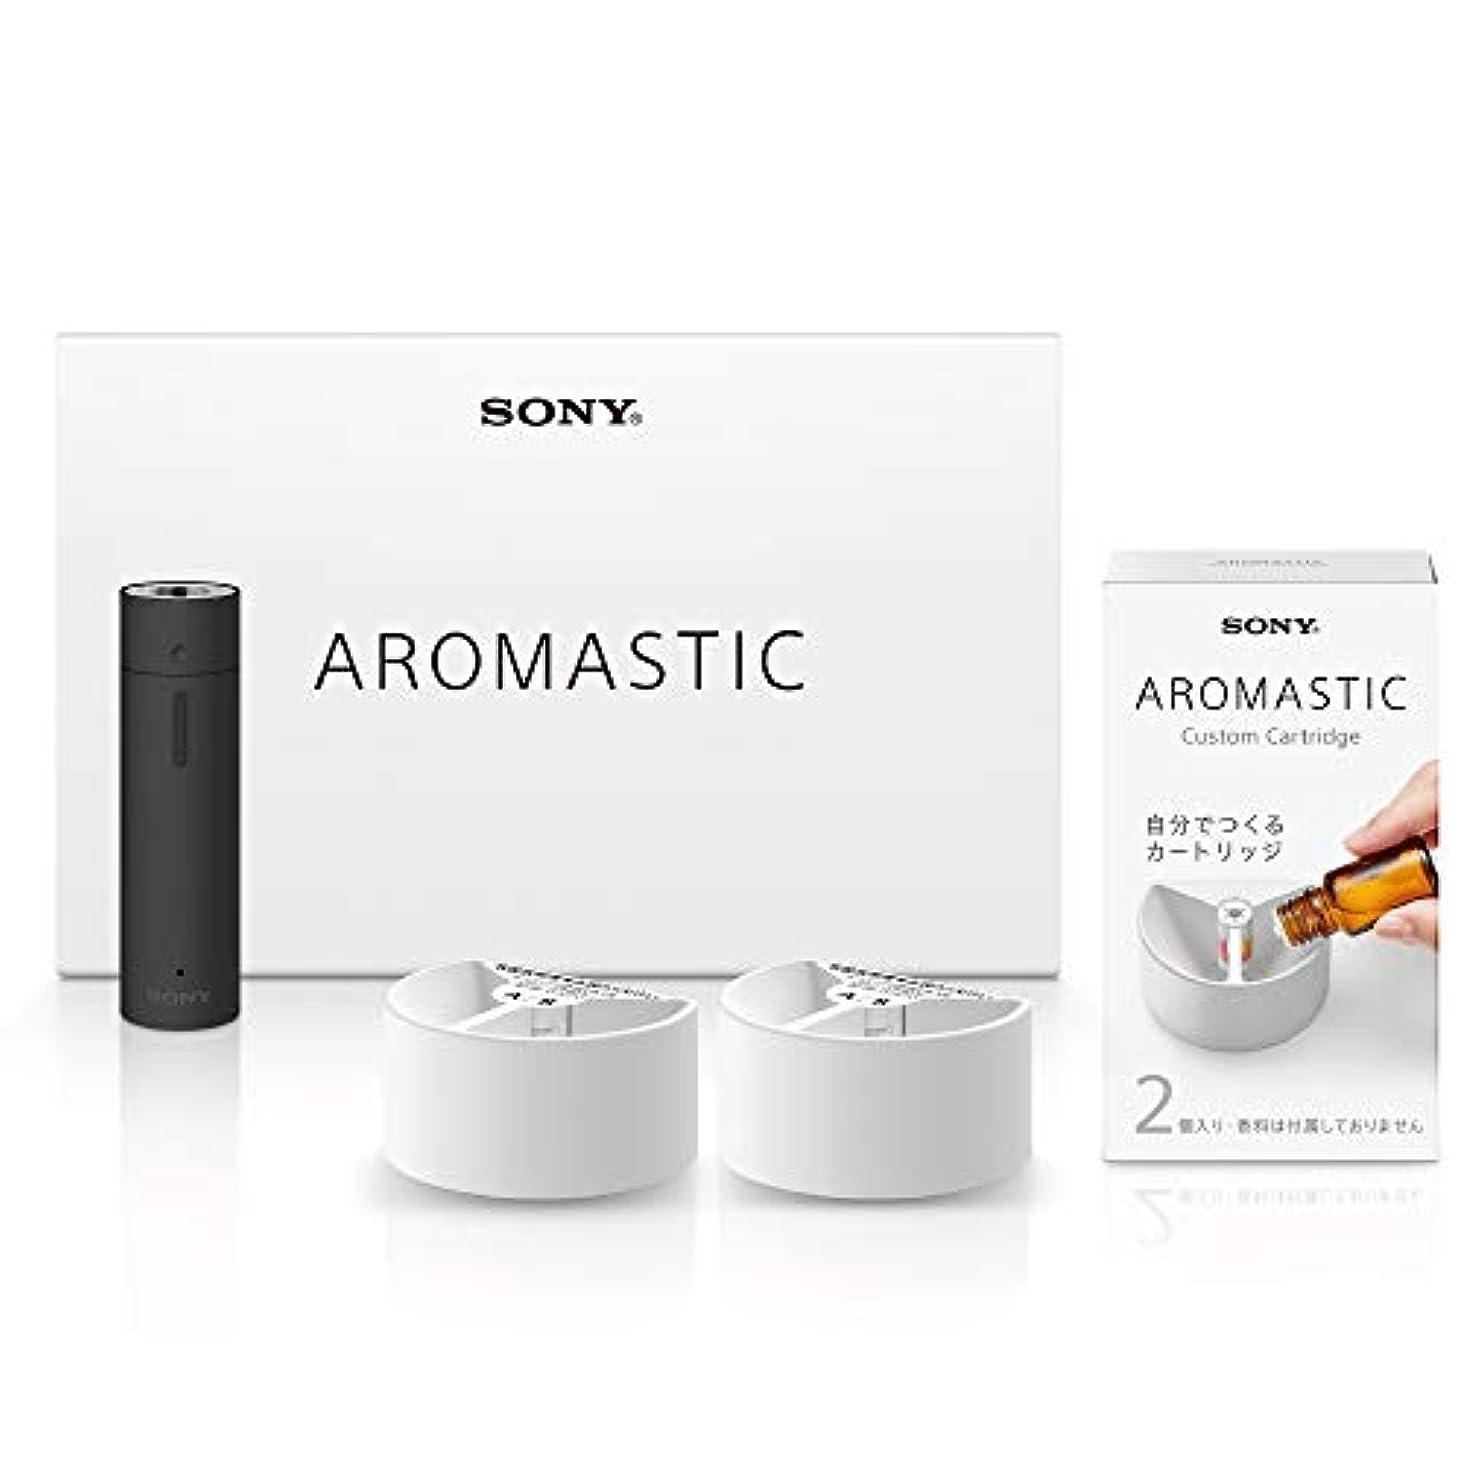 ペチュランスノイズ識別AROMASTIC Gift Box(ギフトボックス) B001